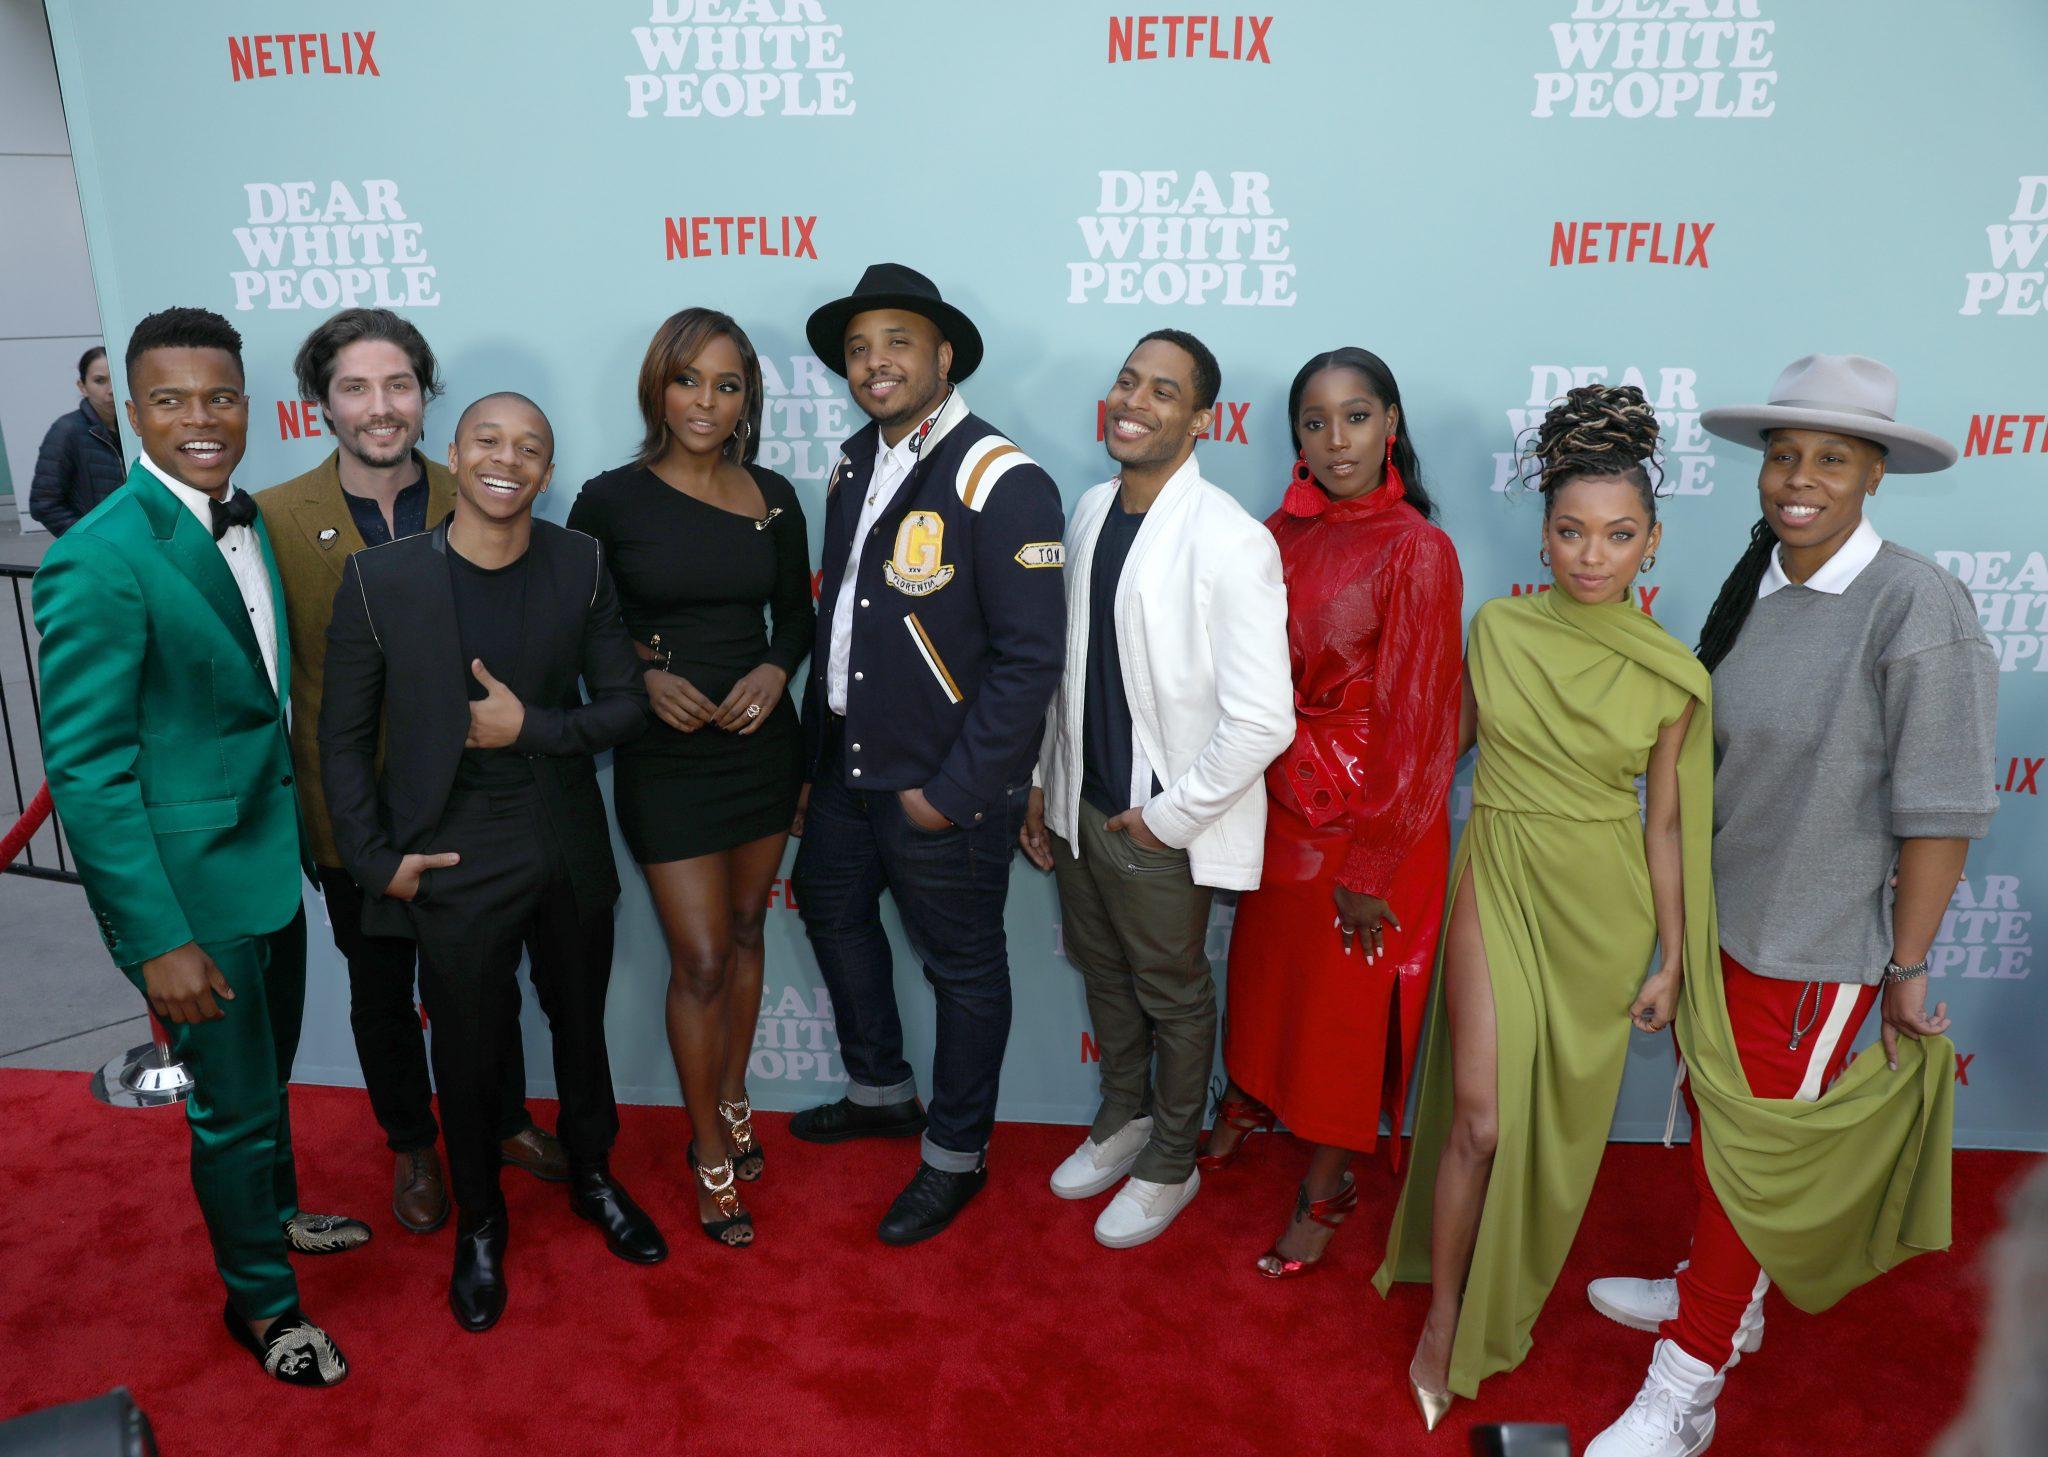 Dear White People Vol 2. Premiere In Los Angeles